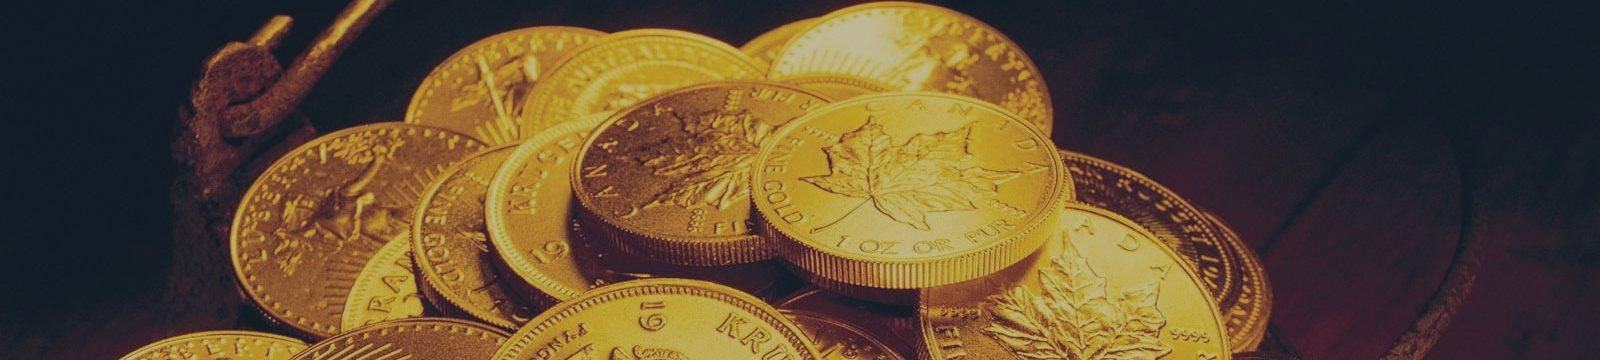 El Precio Del Oro Pronóstico 26 Septiembre 2014, Análisis Técnico